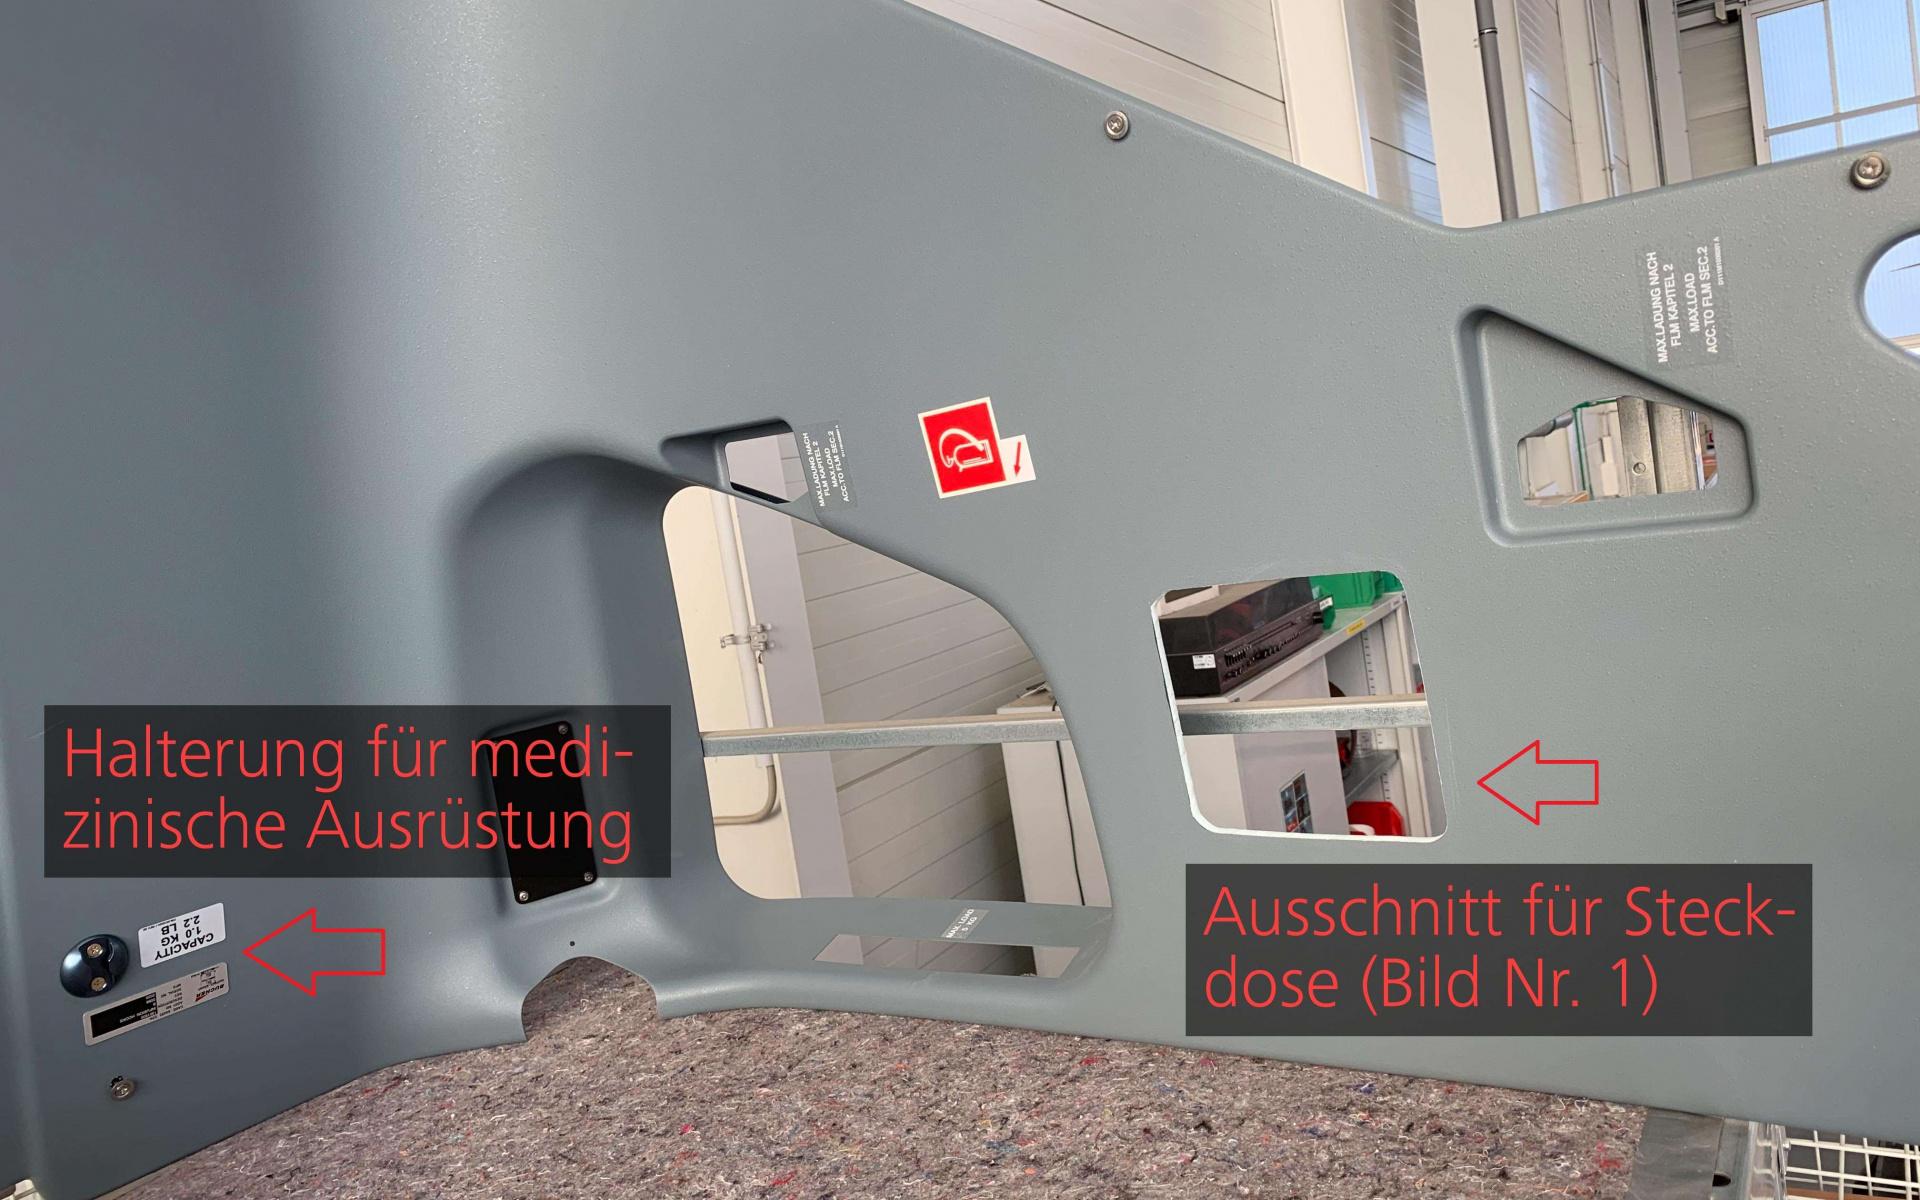 In den Innenraumwänden wurden Steckdosen und spezielle Halterungen für die medizinische Ausstattung angebracht.